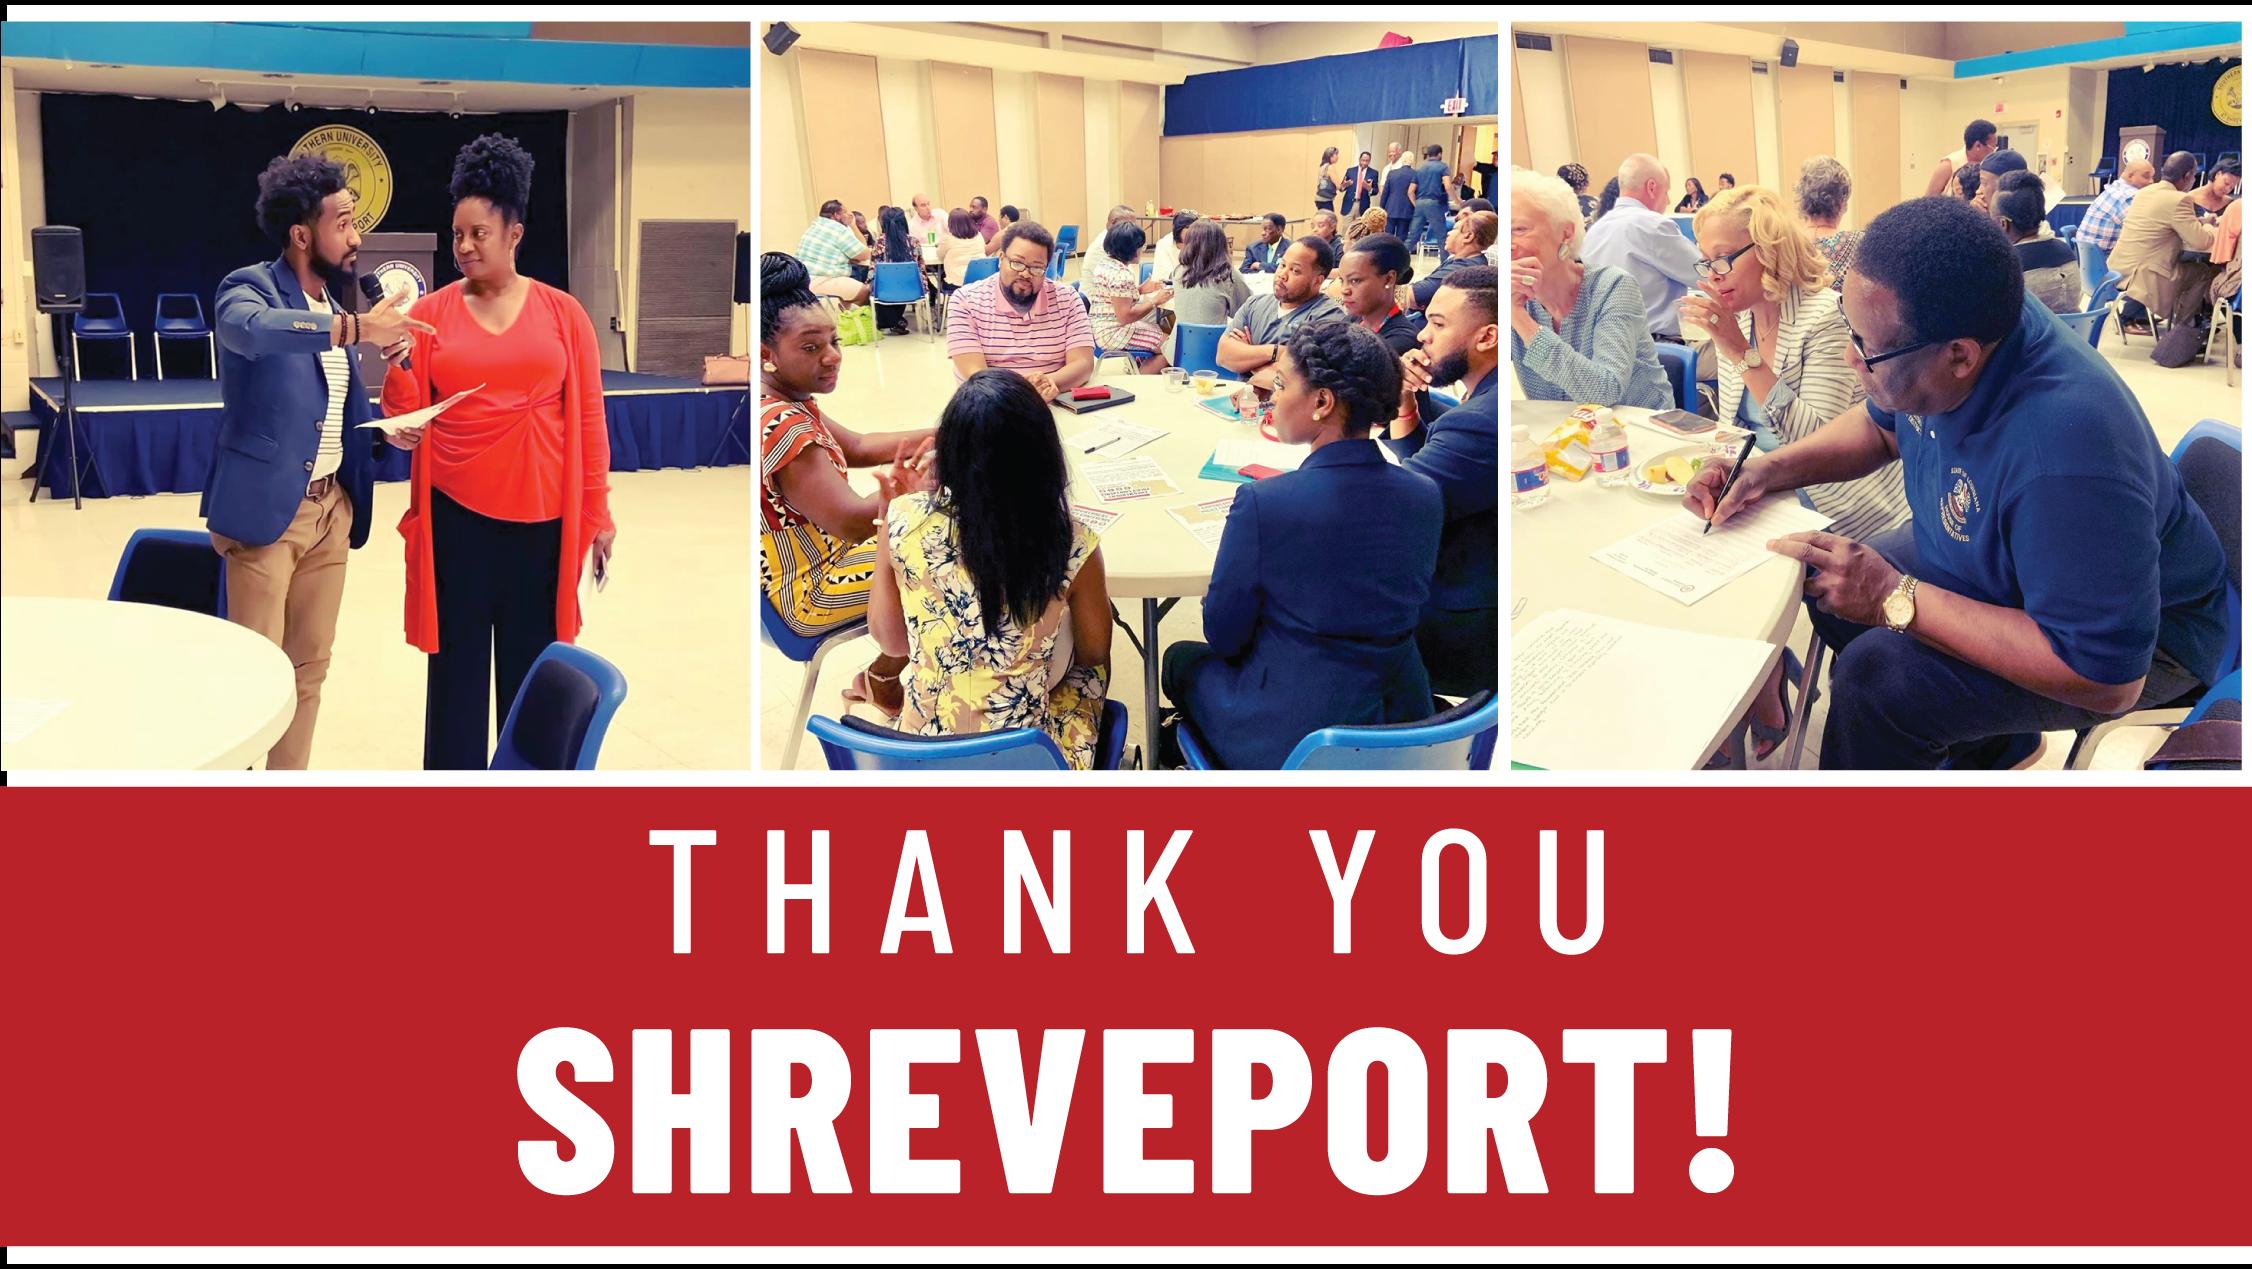 Thank you Shreveport